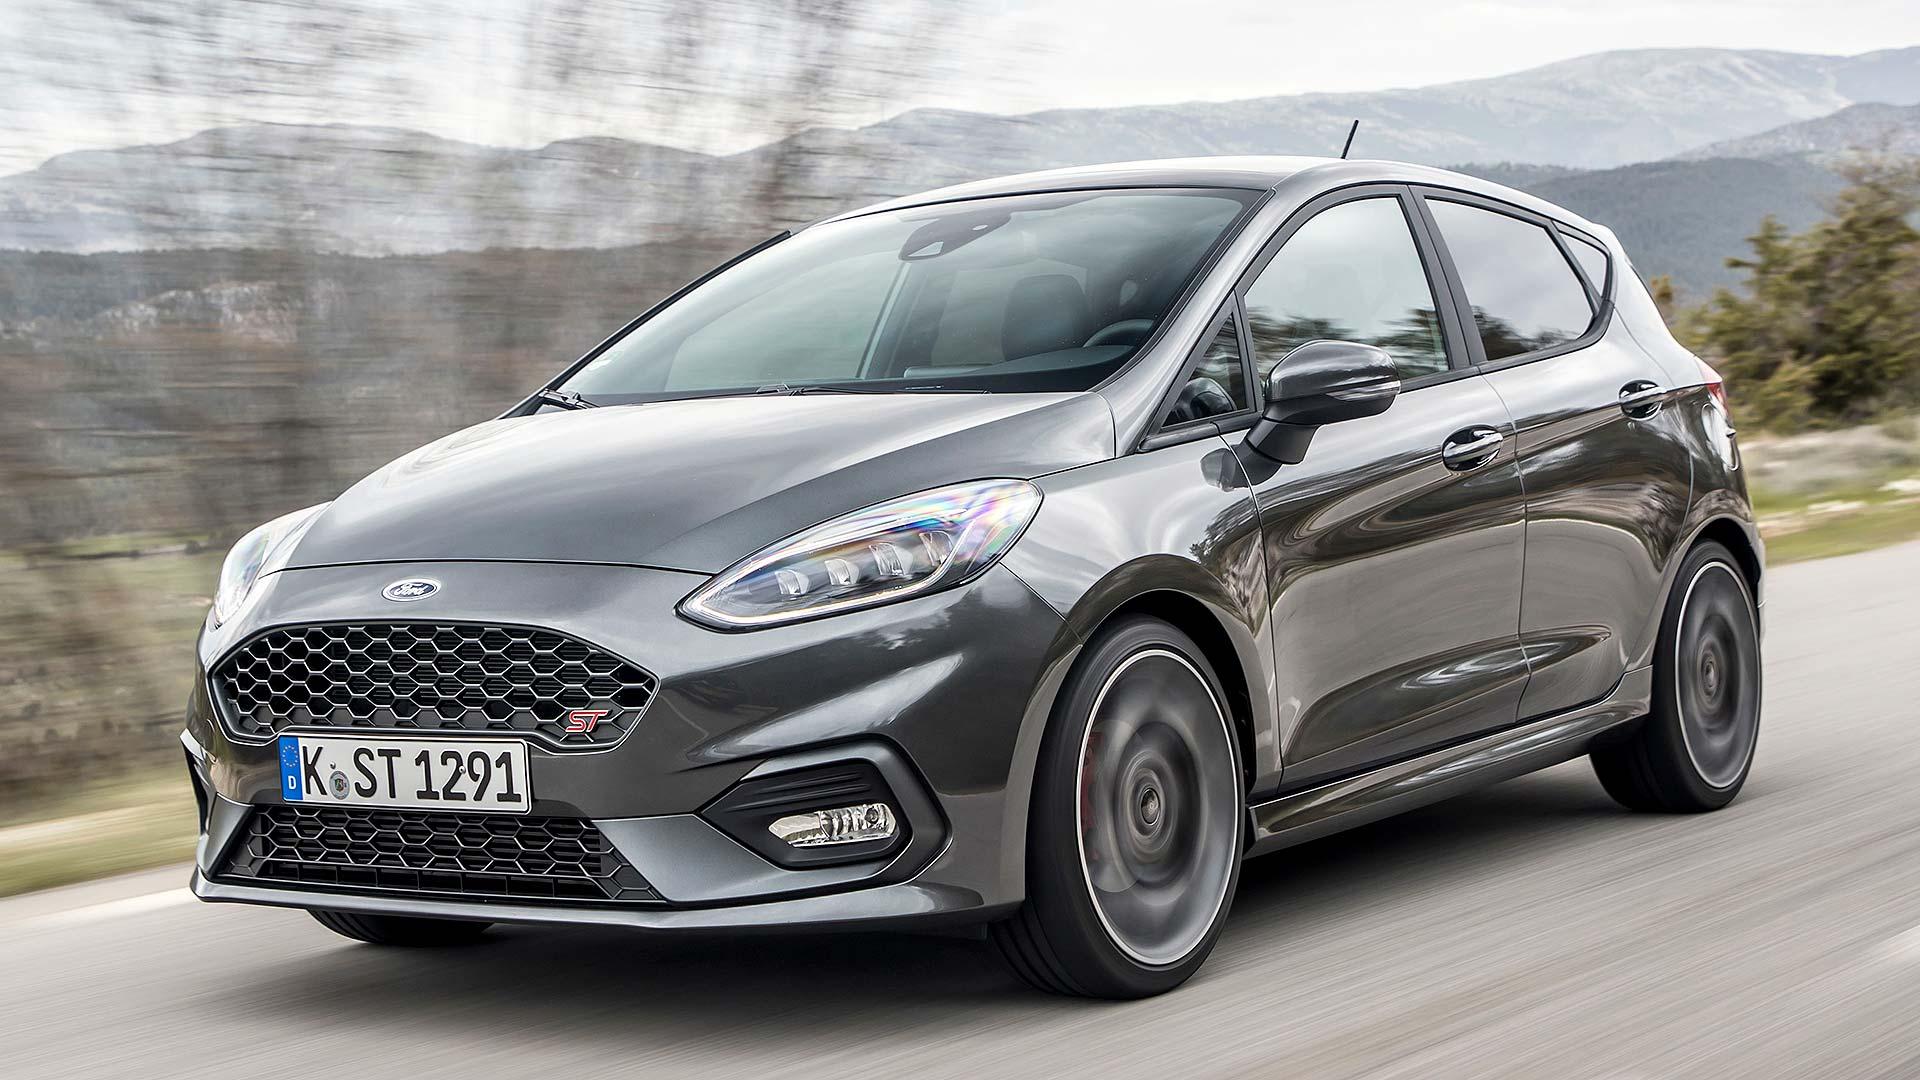 Grey Ford Fiesta